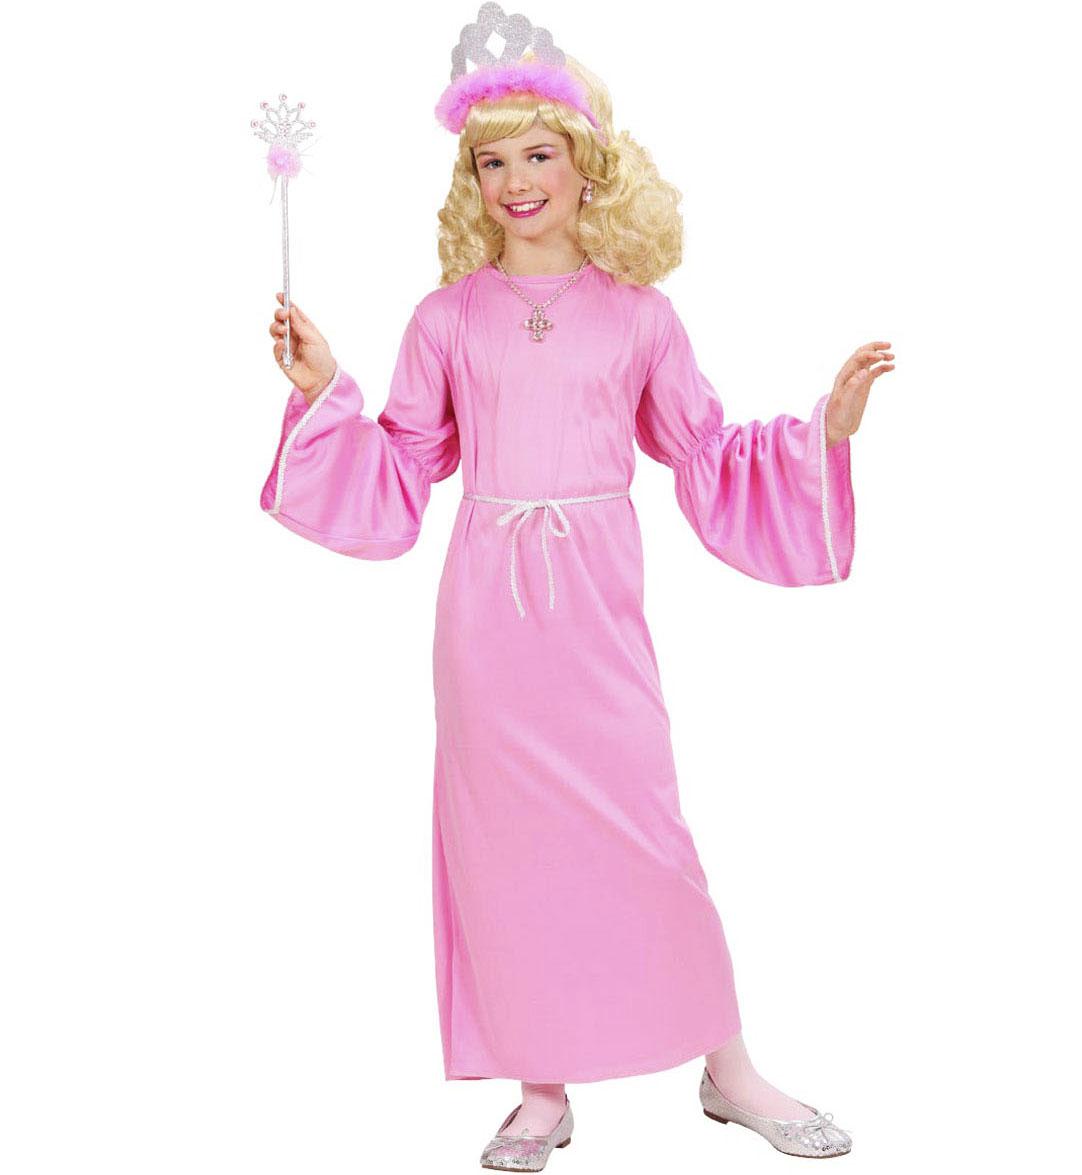 kinder rosa prinzessin kost m fee m rchen prinzessinnen uniform 158cm 11 13jahre ebay. Black Bedroom Furniture Sets. Home Design Ideas